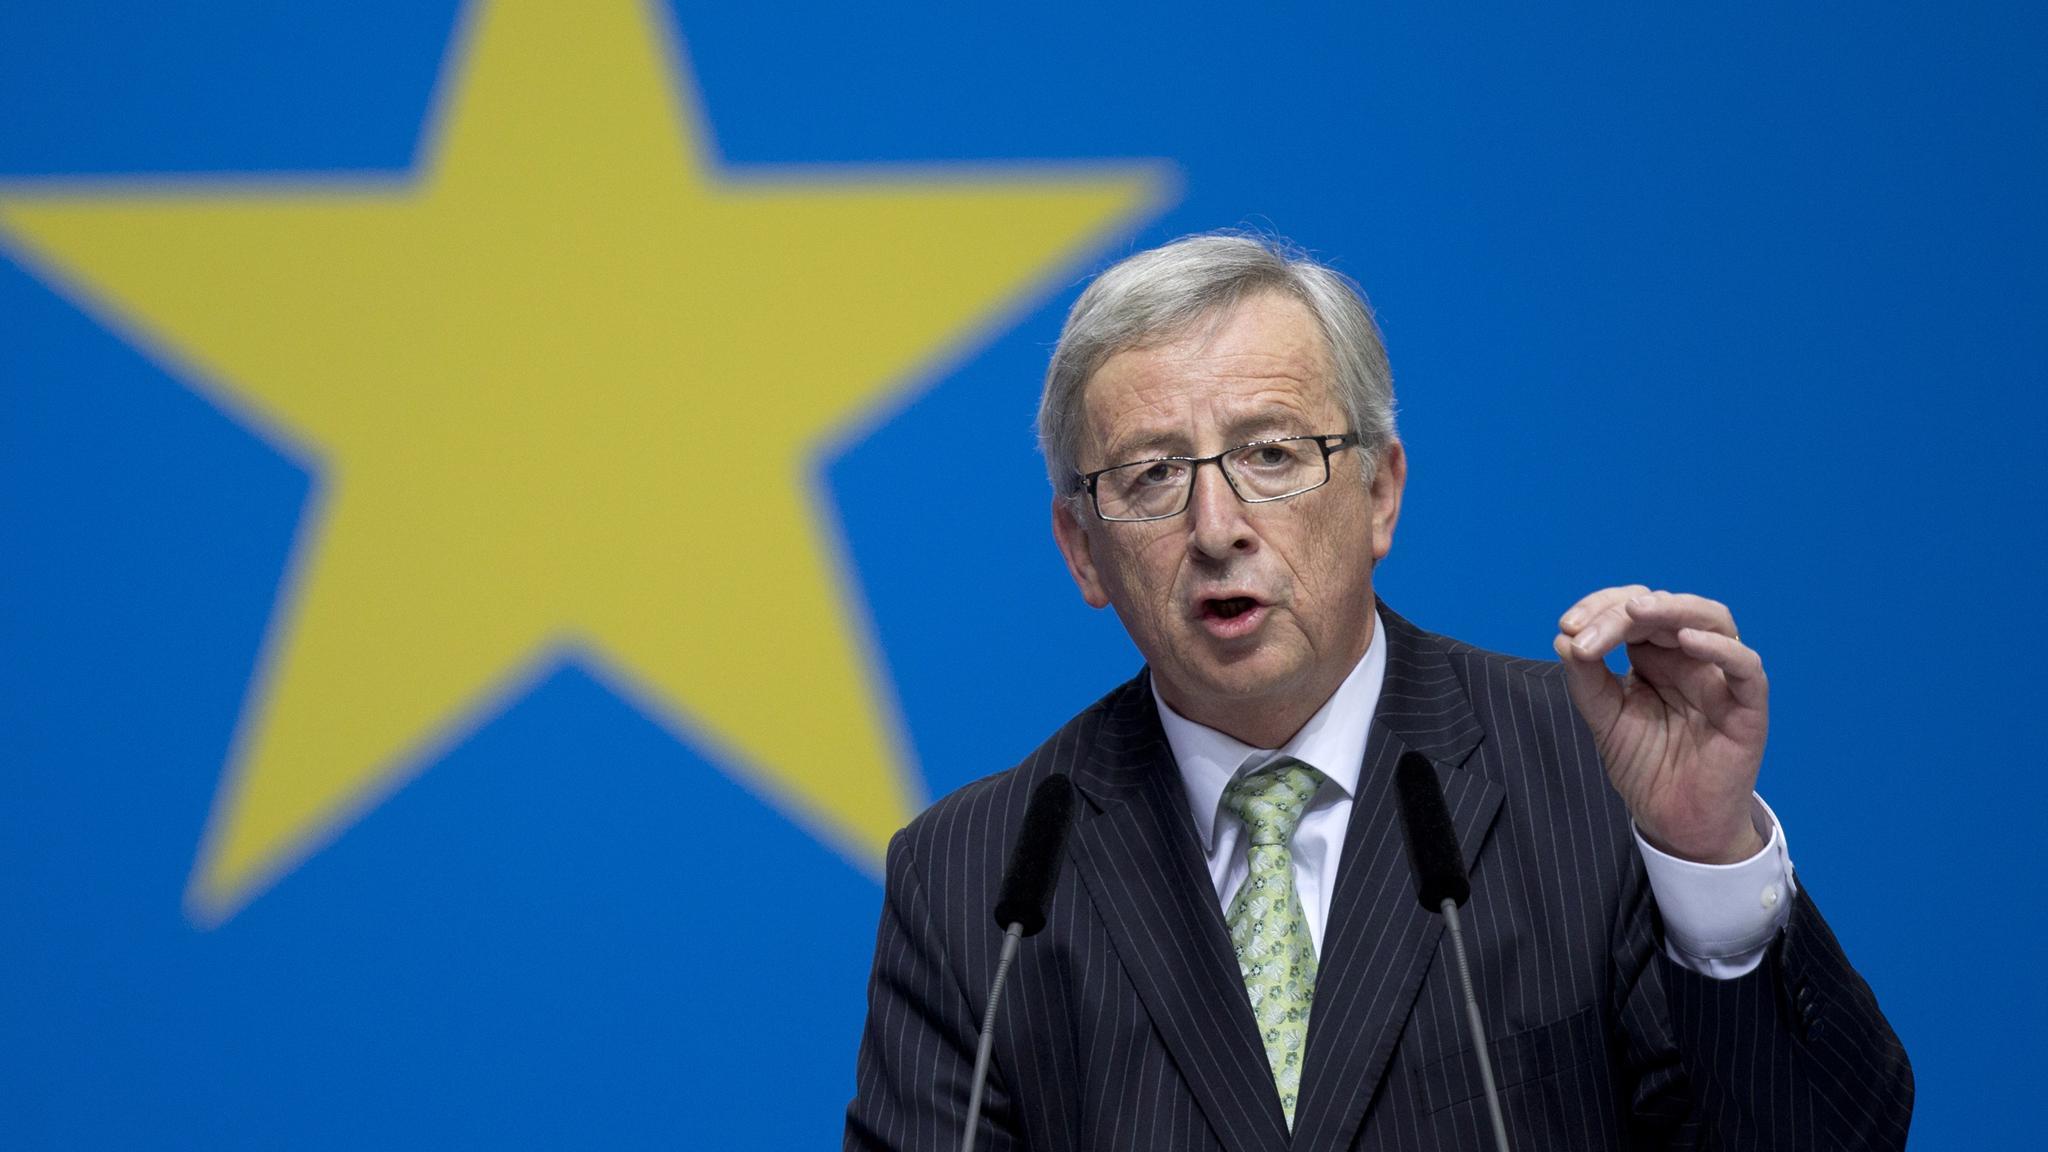 رئيس المفوضية الأوروبية: الاقتصاد اليوناني لديه القدرة على النجاة من الأزمة